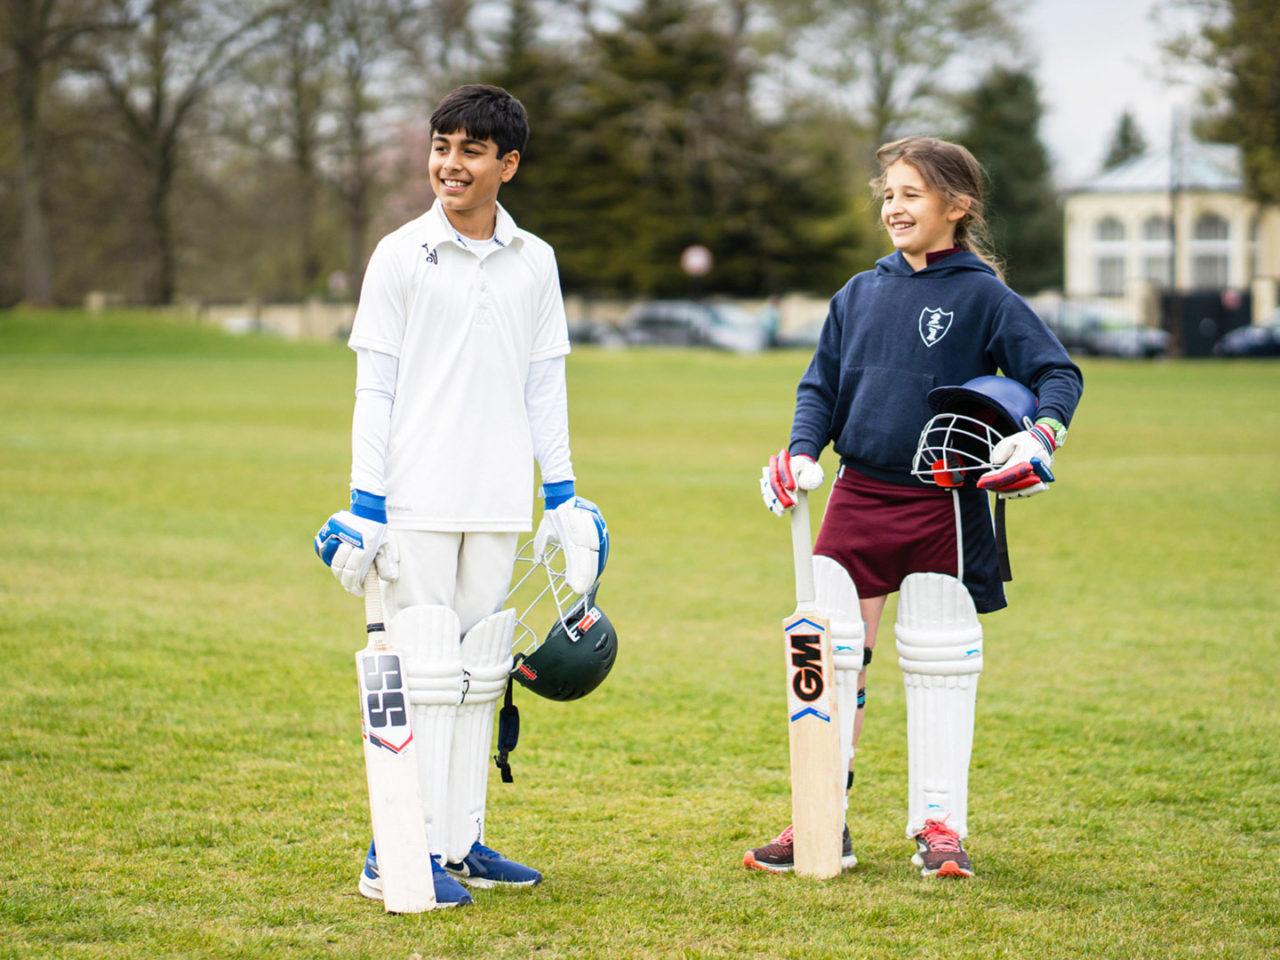 Junior School Cricket